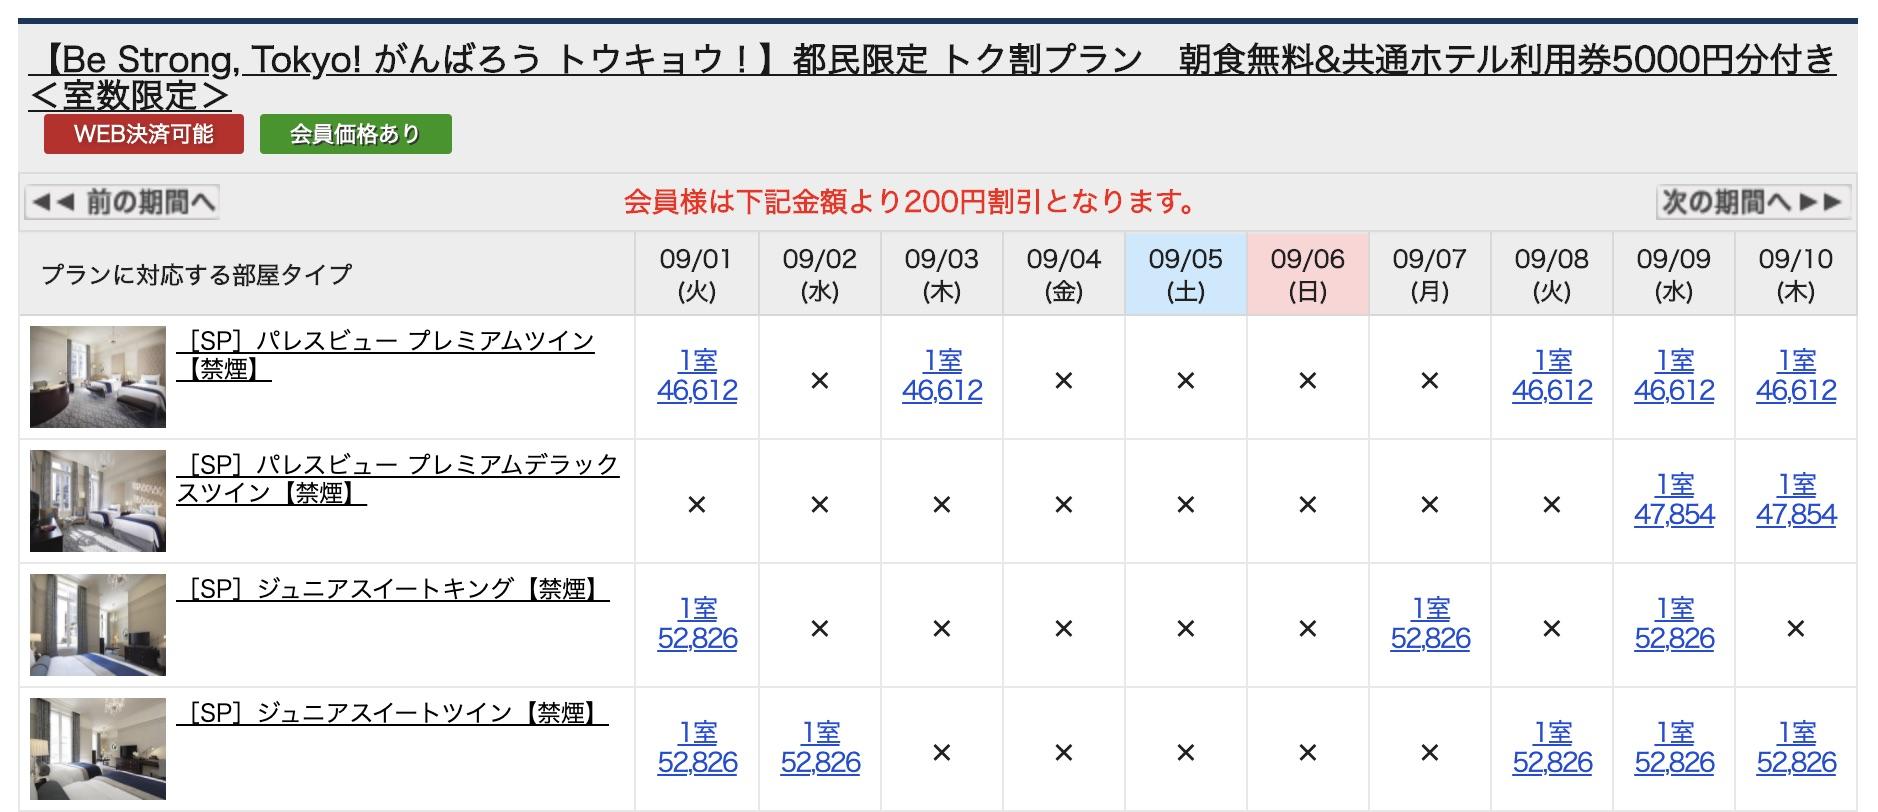 f:id:OKP:20200804183412j:plain